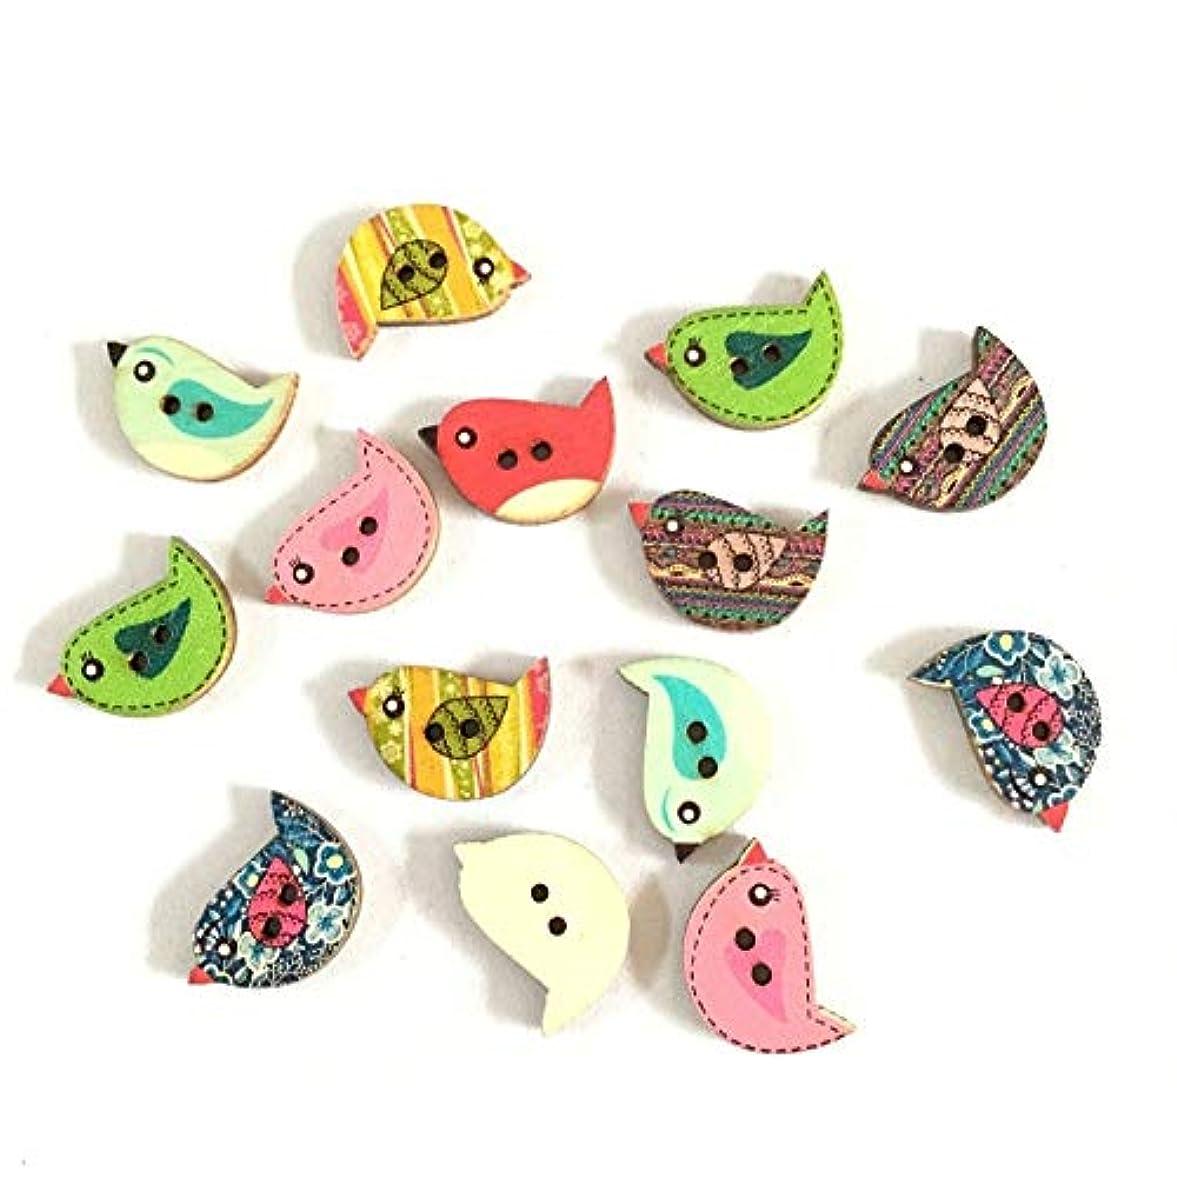 タック餌エチケットJicorzo - 50pcsのミックス木製ボタンのかわいい鳥のパターンDecoratiラウンド2つの穴木製縫製するためのボタン、DIY、衣料品アクセサリー